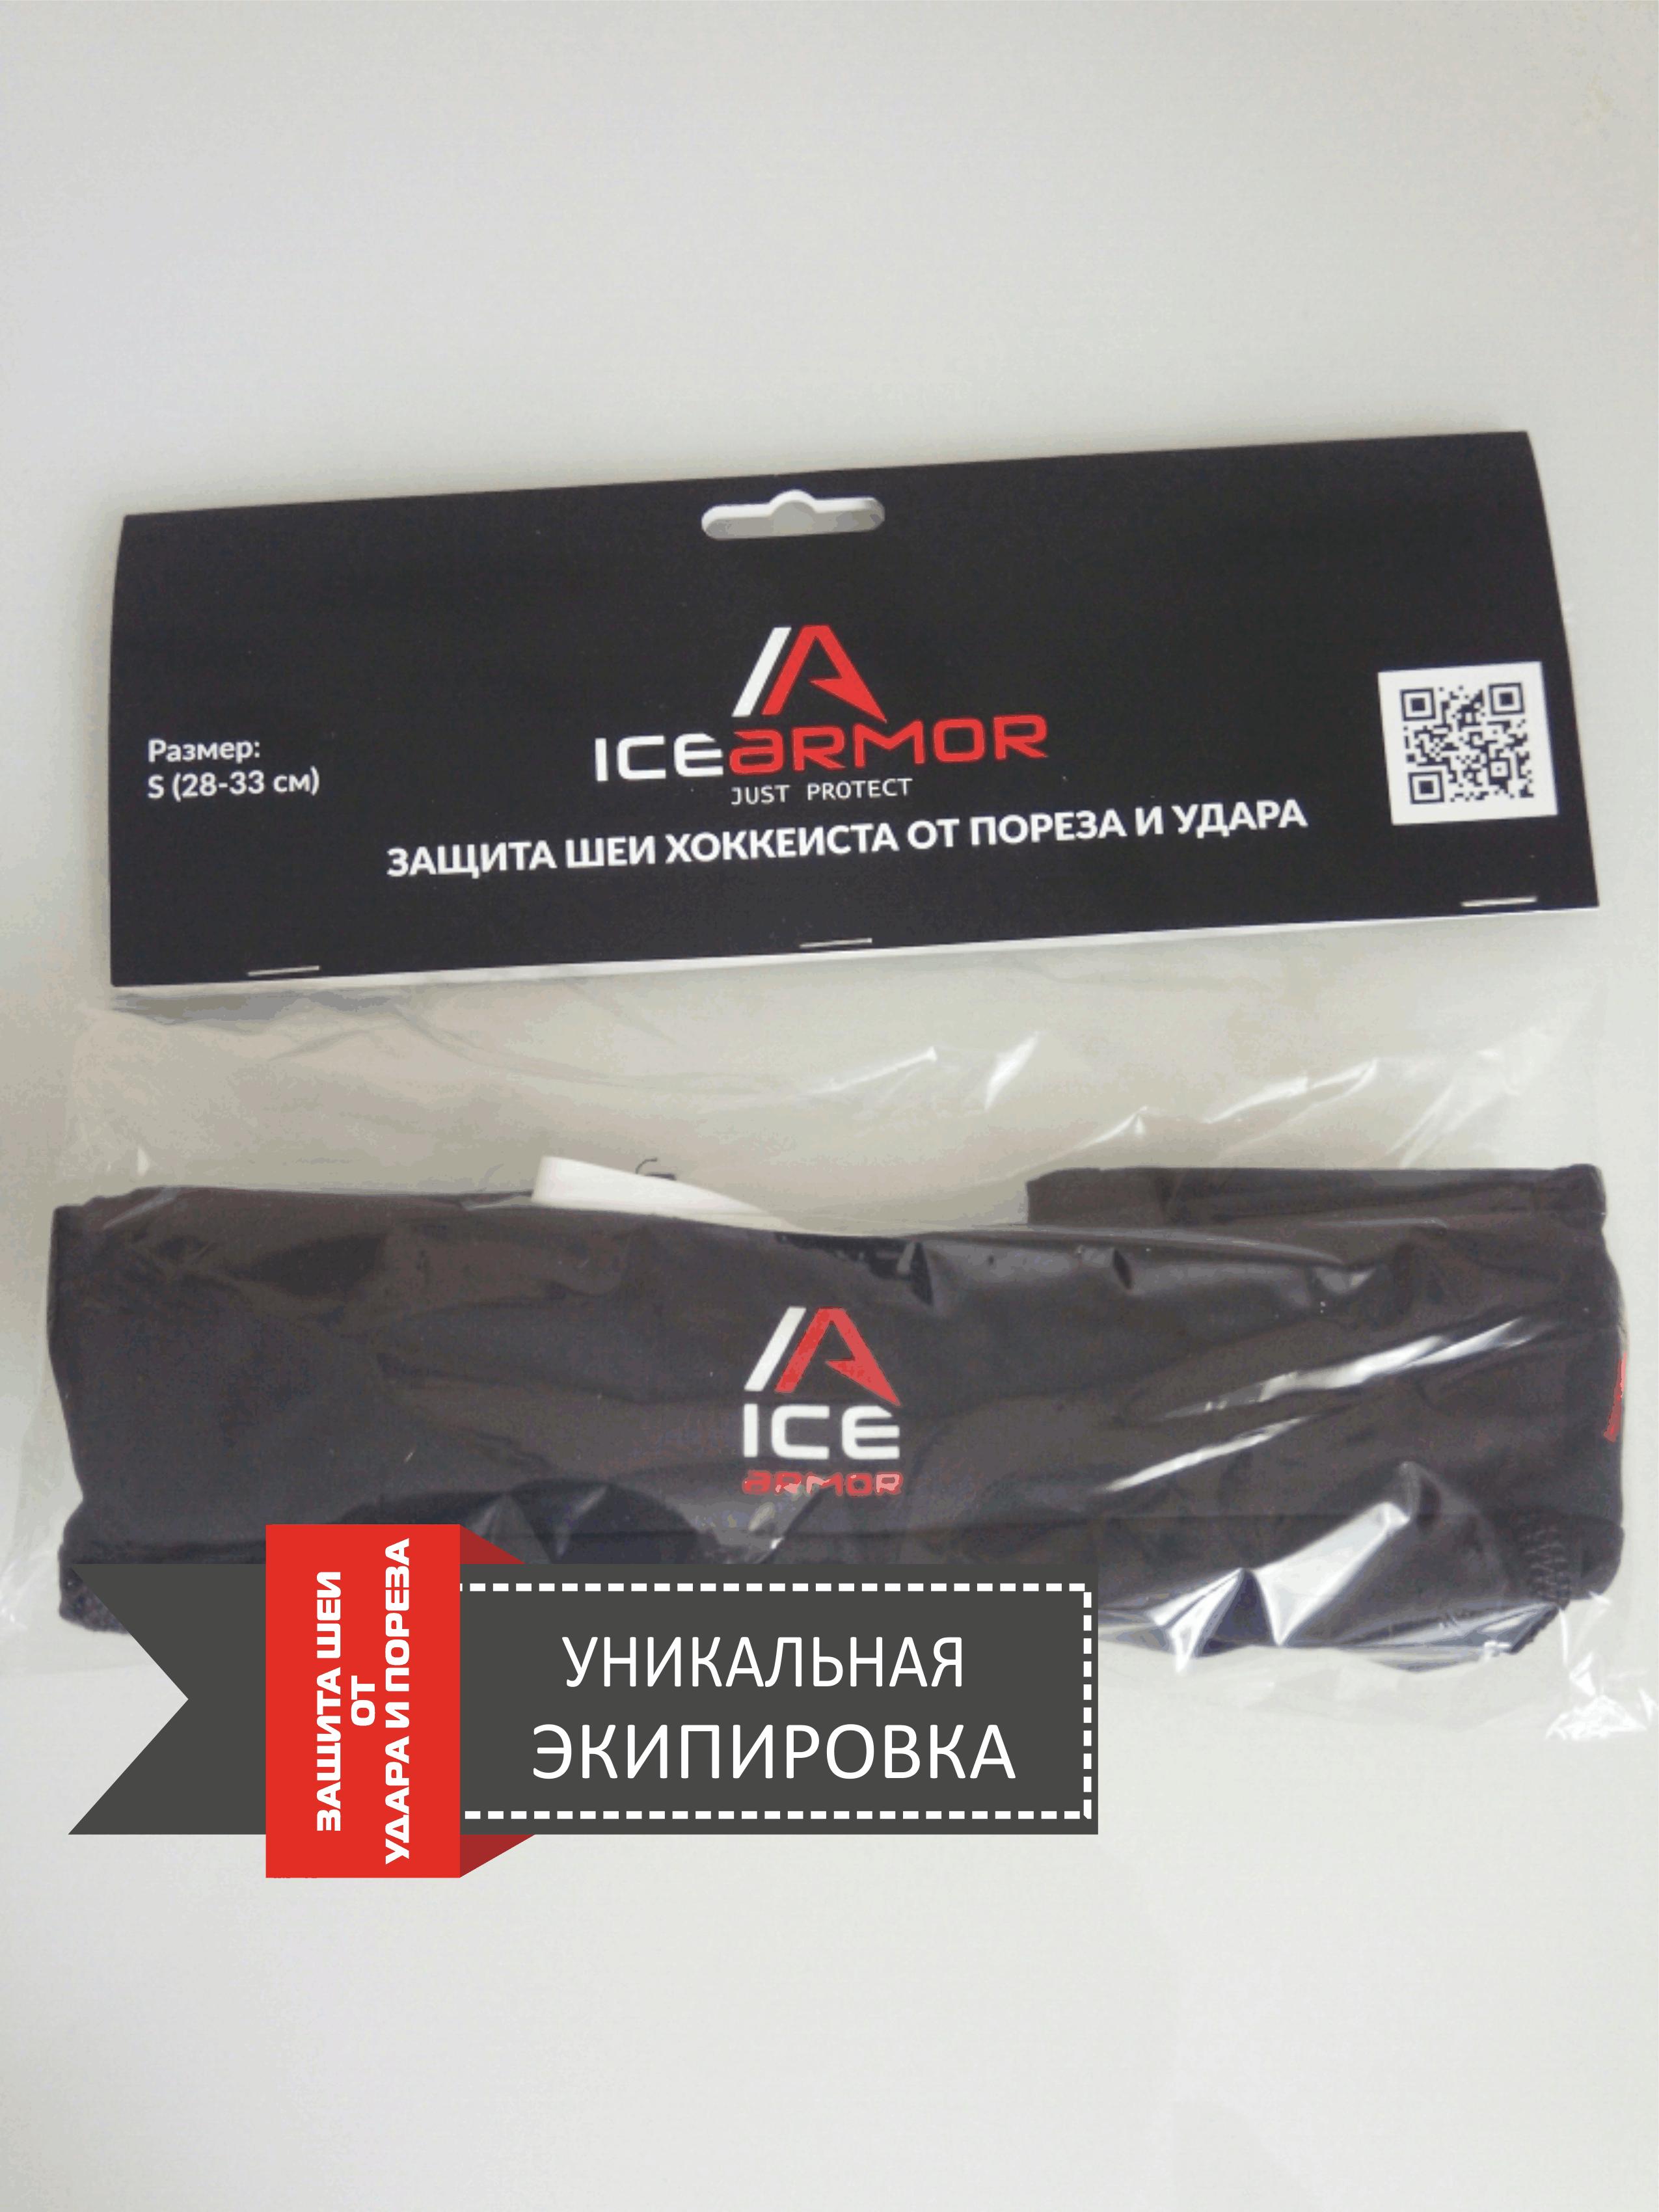 Дизайн продающей наклейки на упаковку уникального продукта фото f_8315b256c2e35529.png